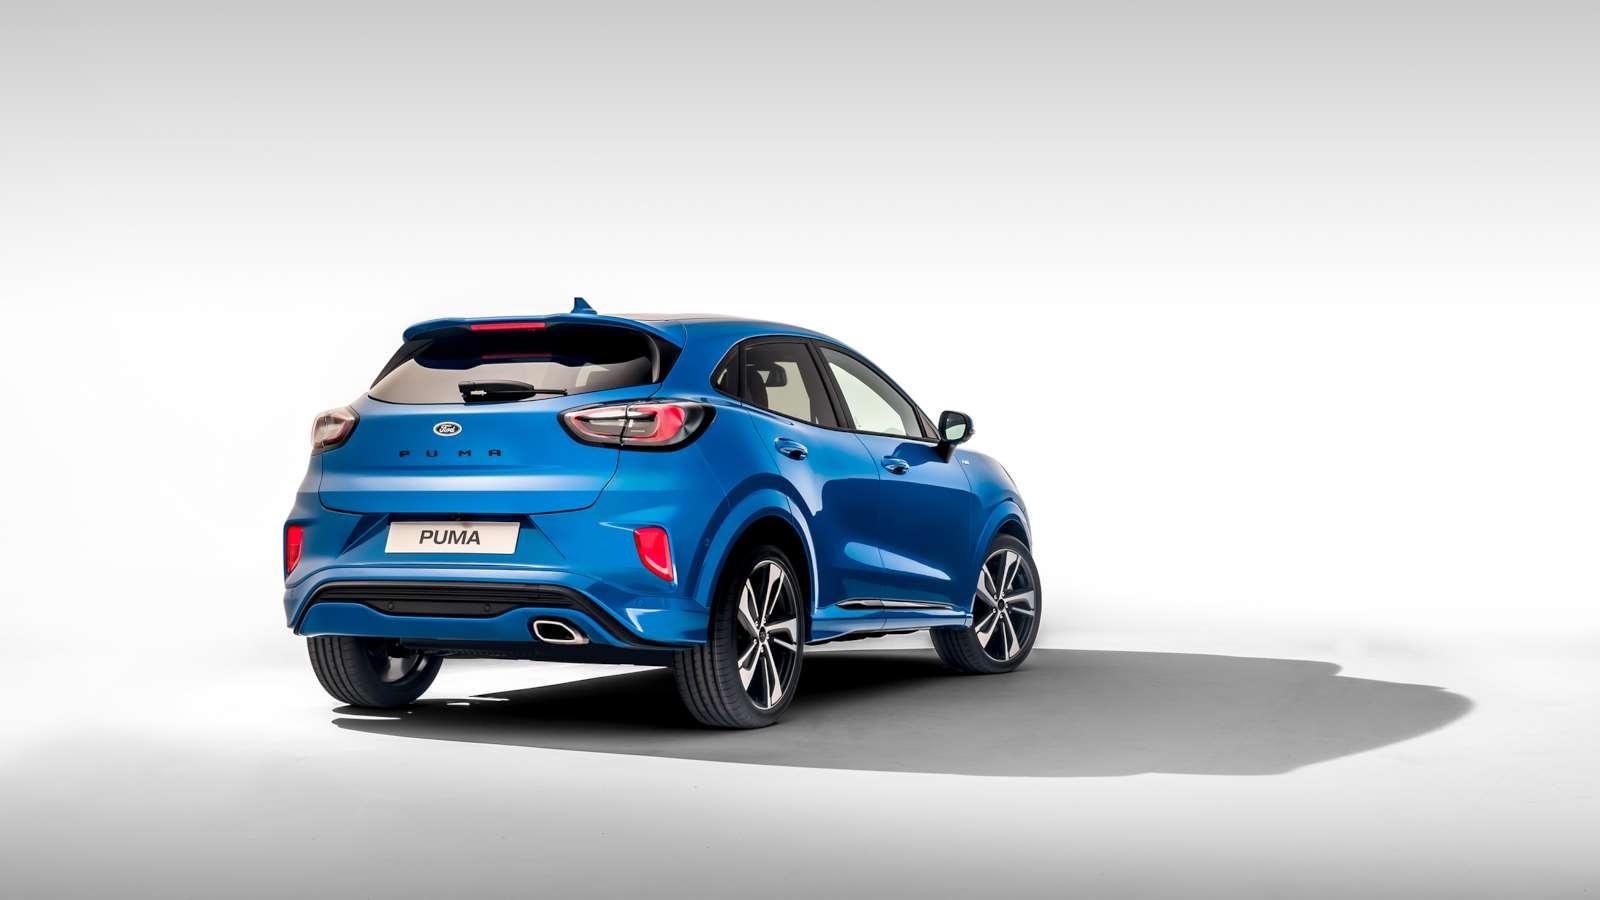 Mitones alabanza clase  Nuevo Ford Puma: un SUV pequeño con mecánicas mild-hybrid y pegatina ECO |  forococheselectricos